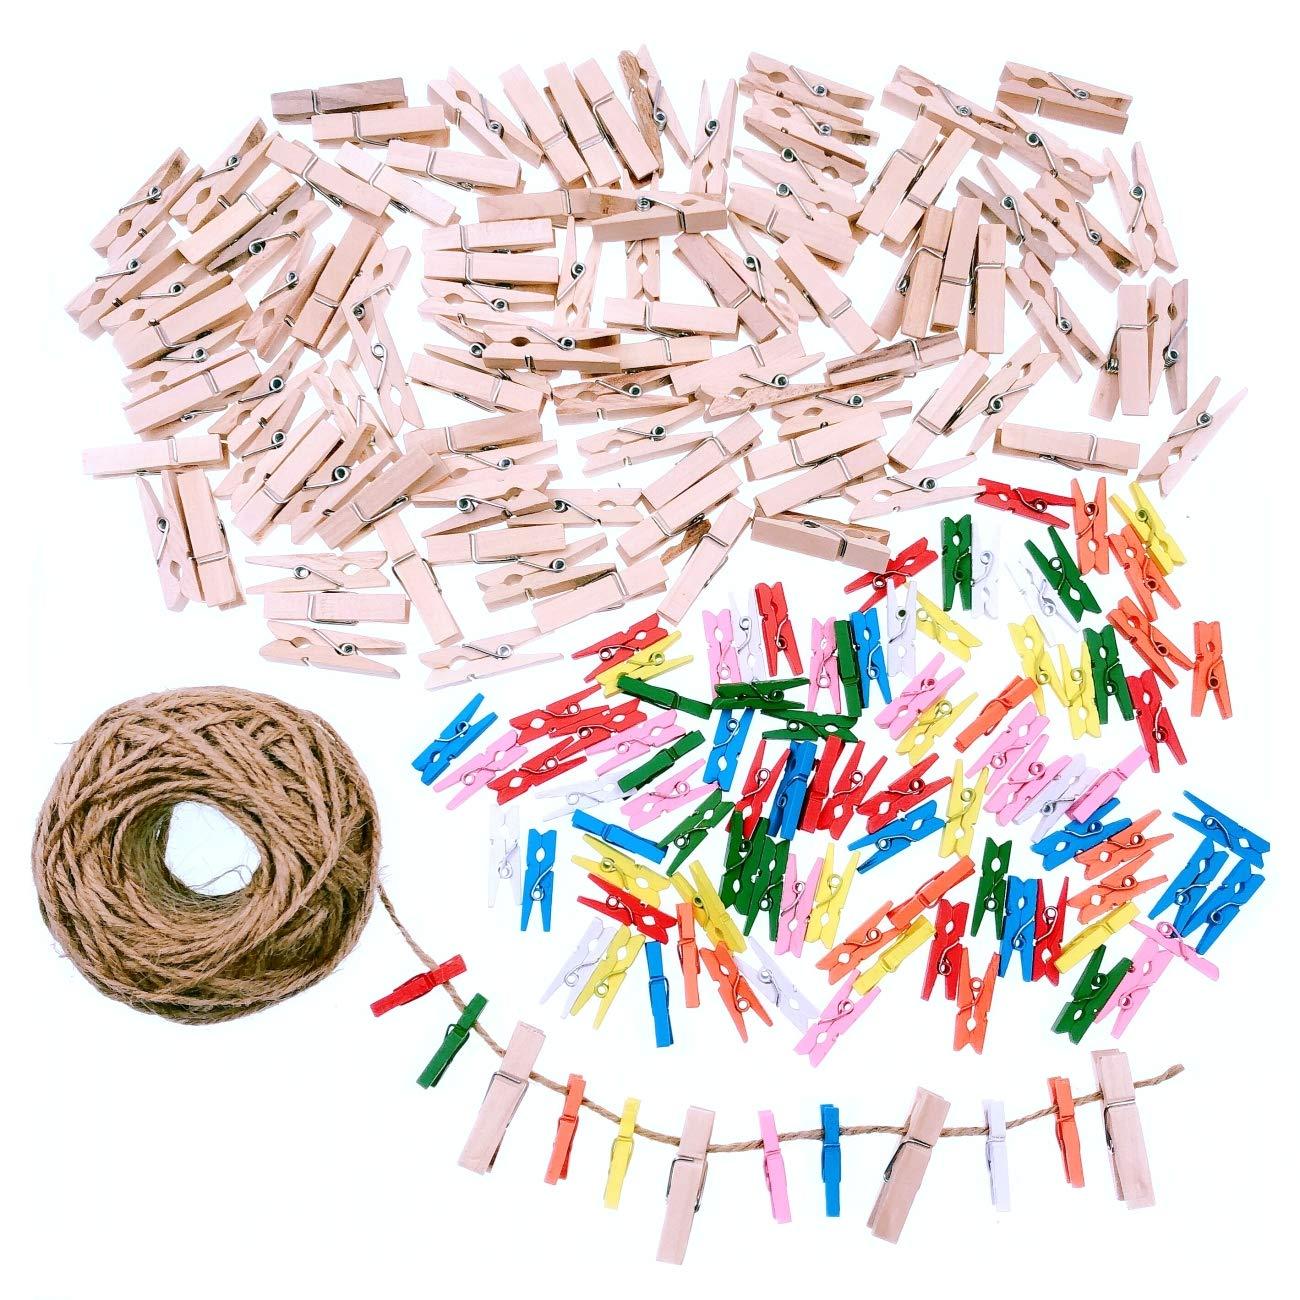 JZK 100 X Mini Pinzas de Foto de Madera Clips Corazon Rojo y 30m Cordel de Yute para Fiesta de Bodas Foto Titular de Tarjeta de decoración y Bricolaje Artesanal